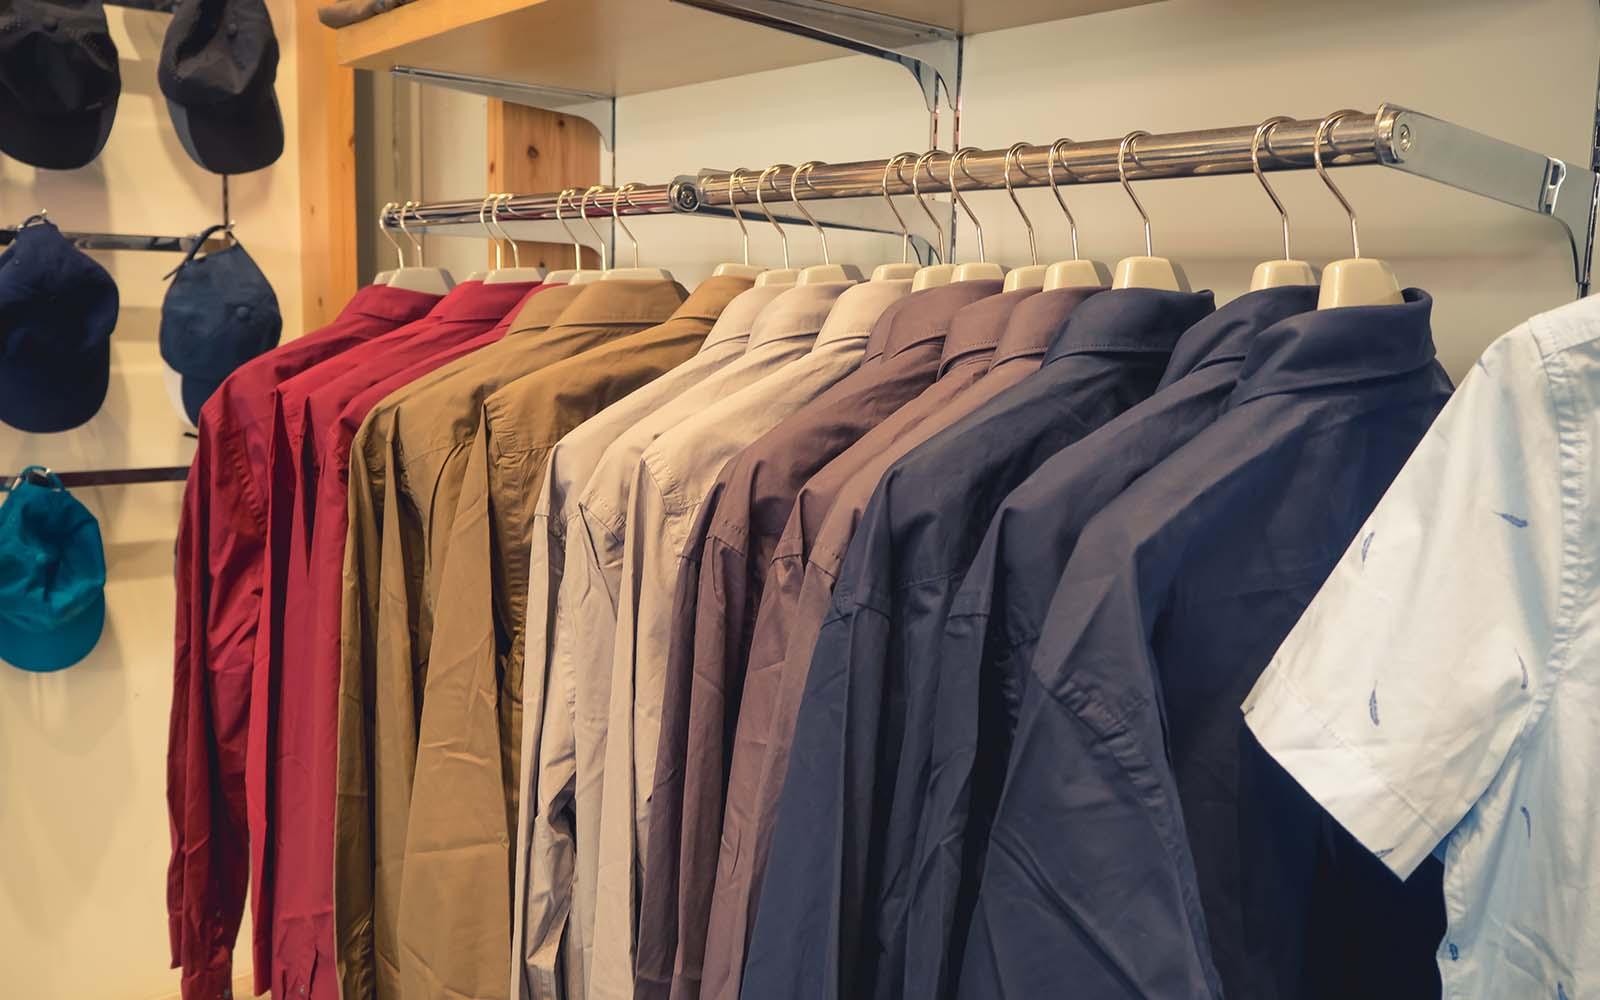 delle camicie di diversi colori appese